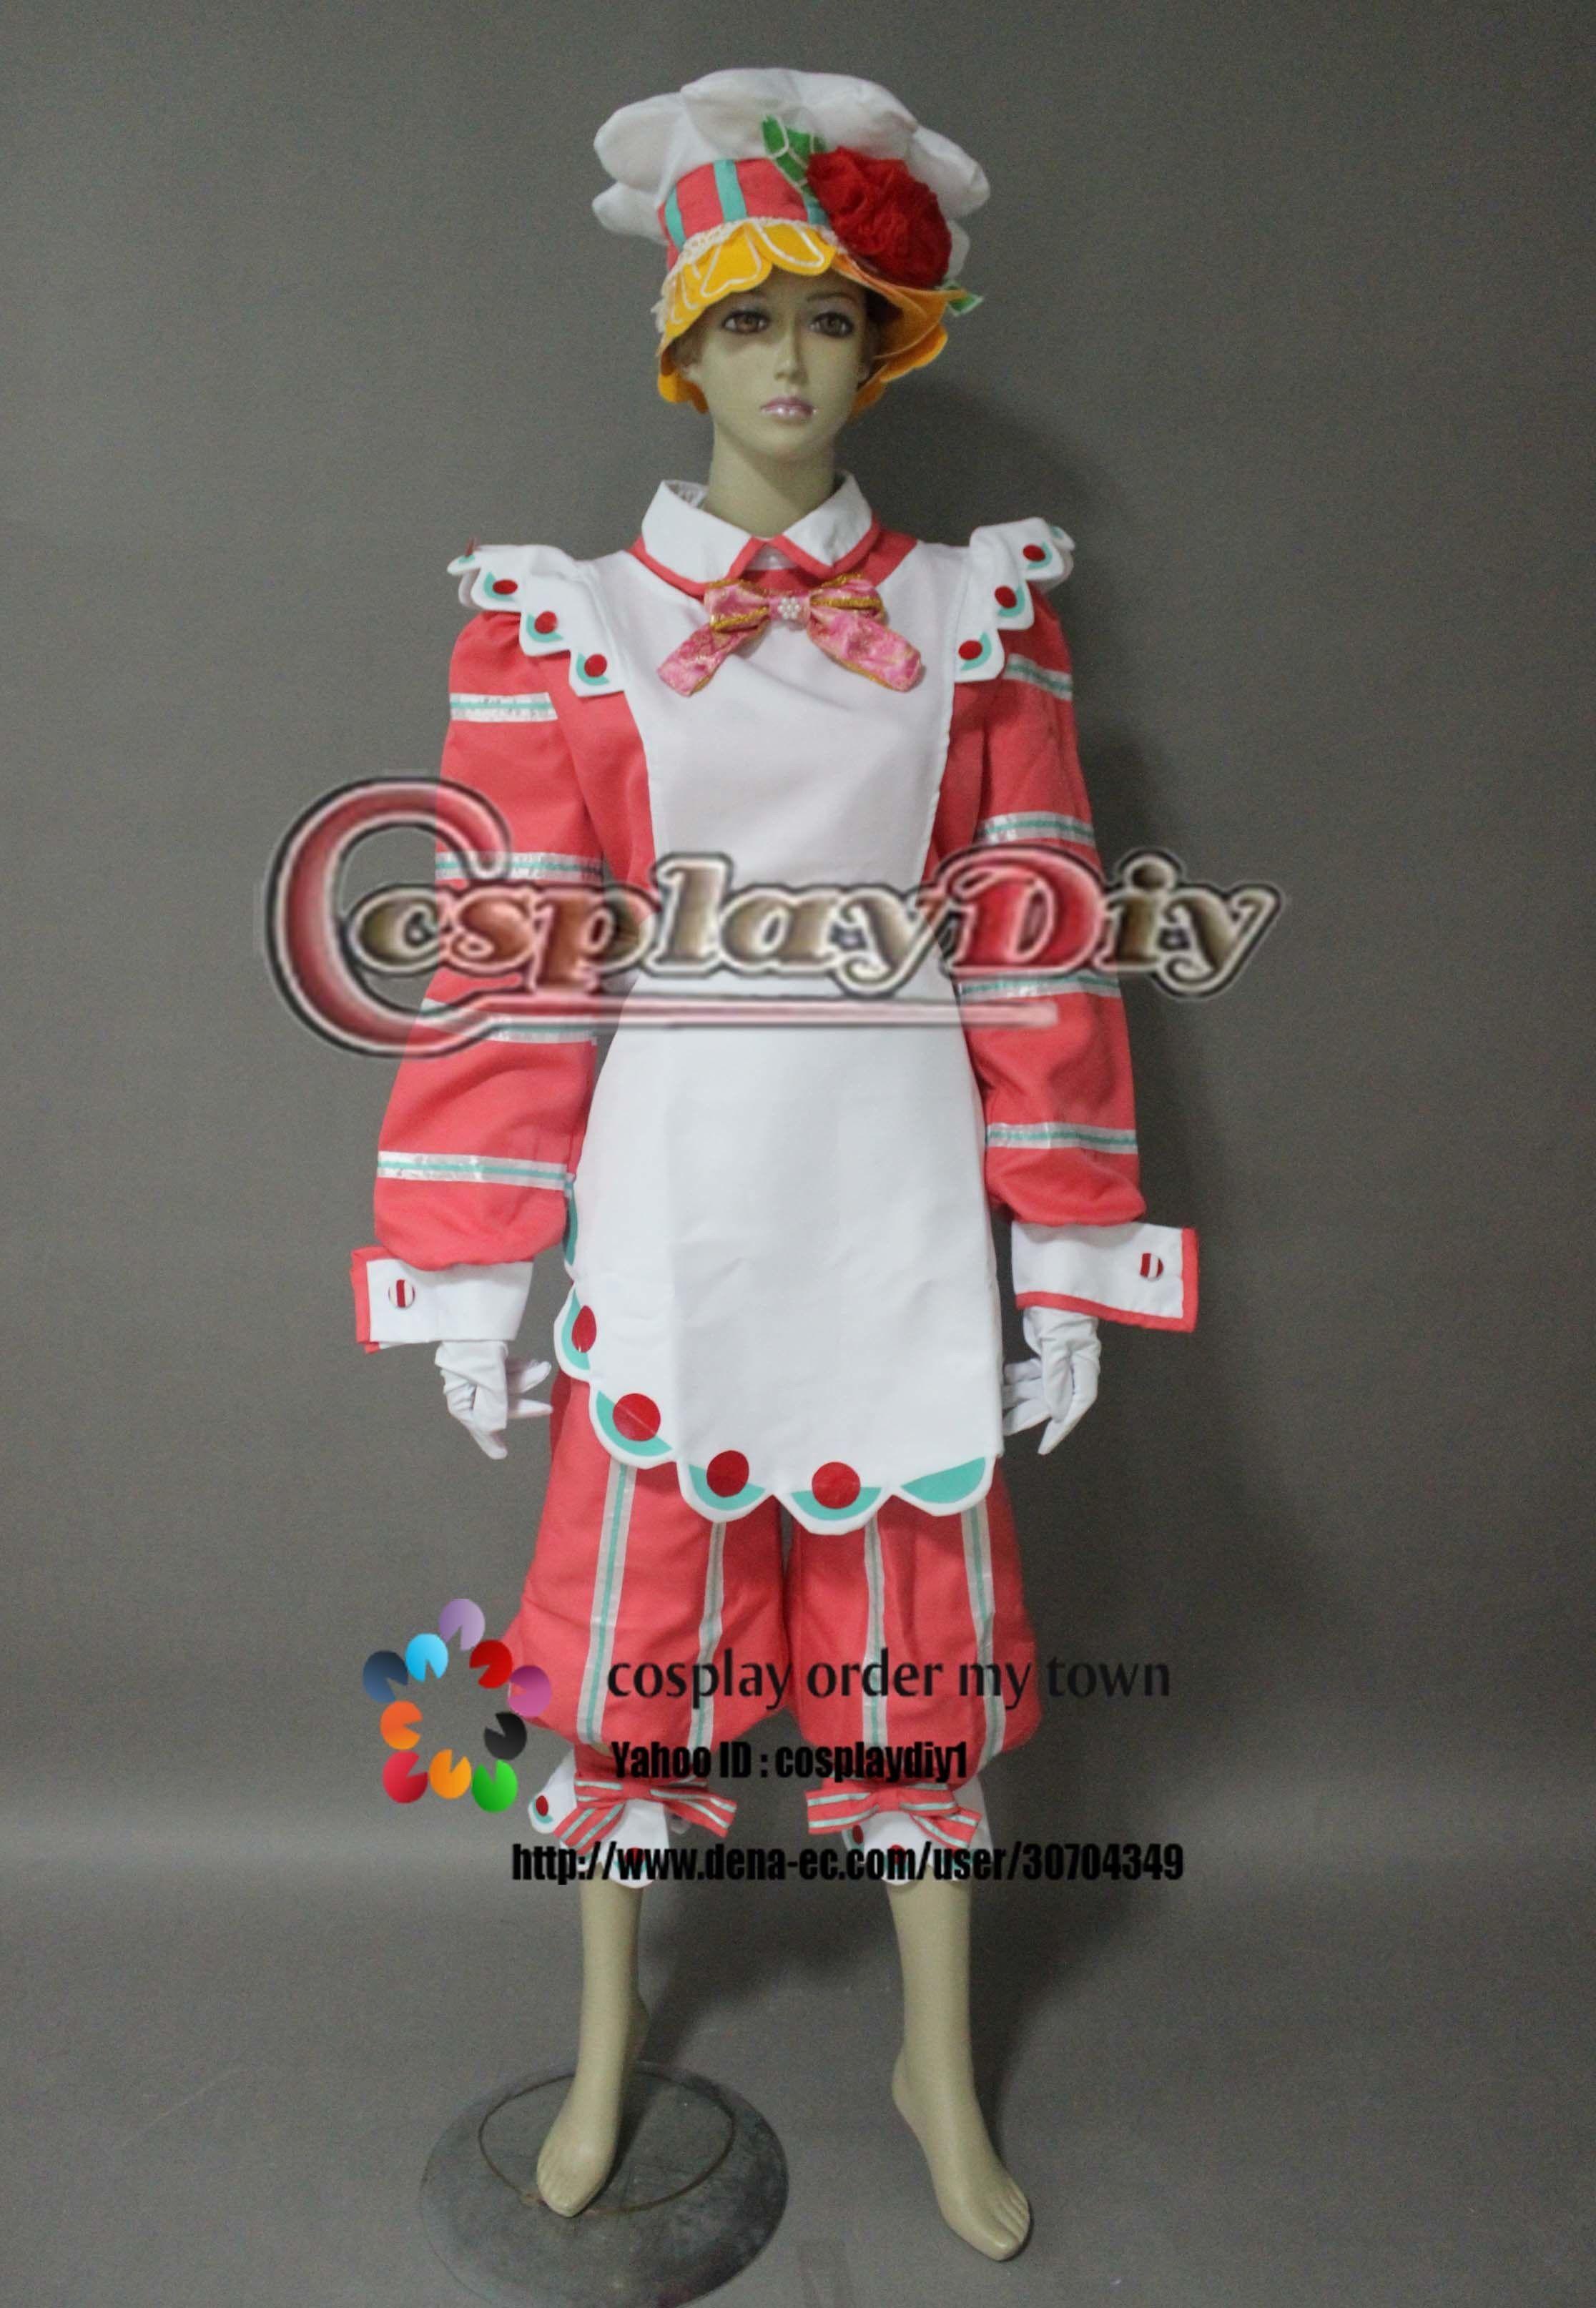 高品質 高級コスプレ衣装 ディズニーランド ハロウィン イースターワンダー サンタヴィレッジダンサー パティシエ 風 ダンサー衣装